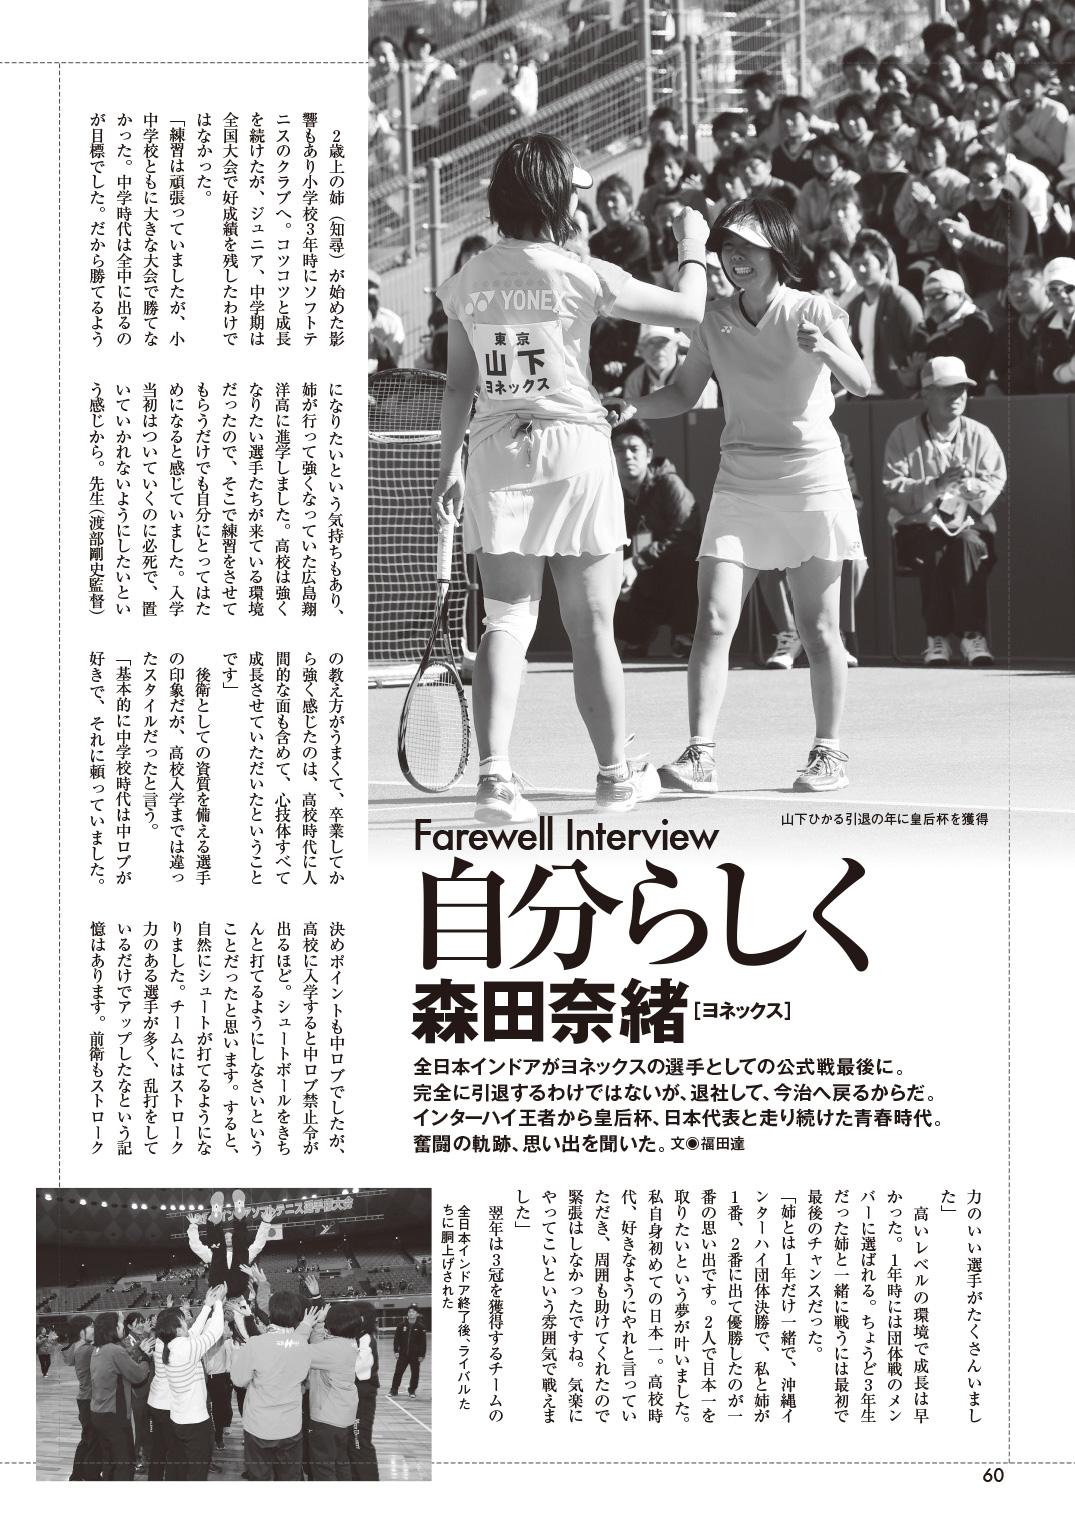 ソフトテニスマガジン2019年4月号-P60